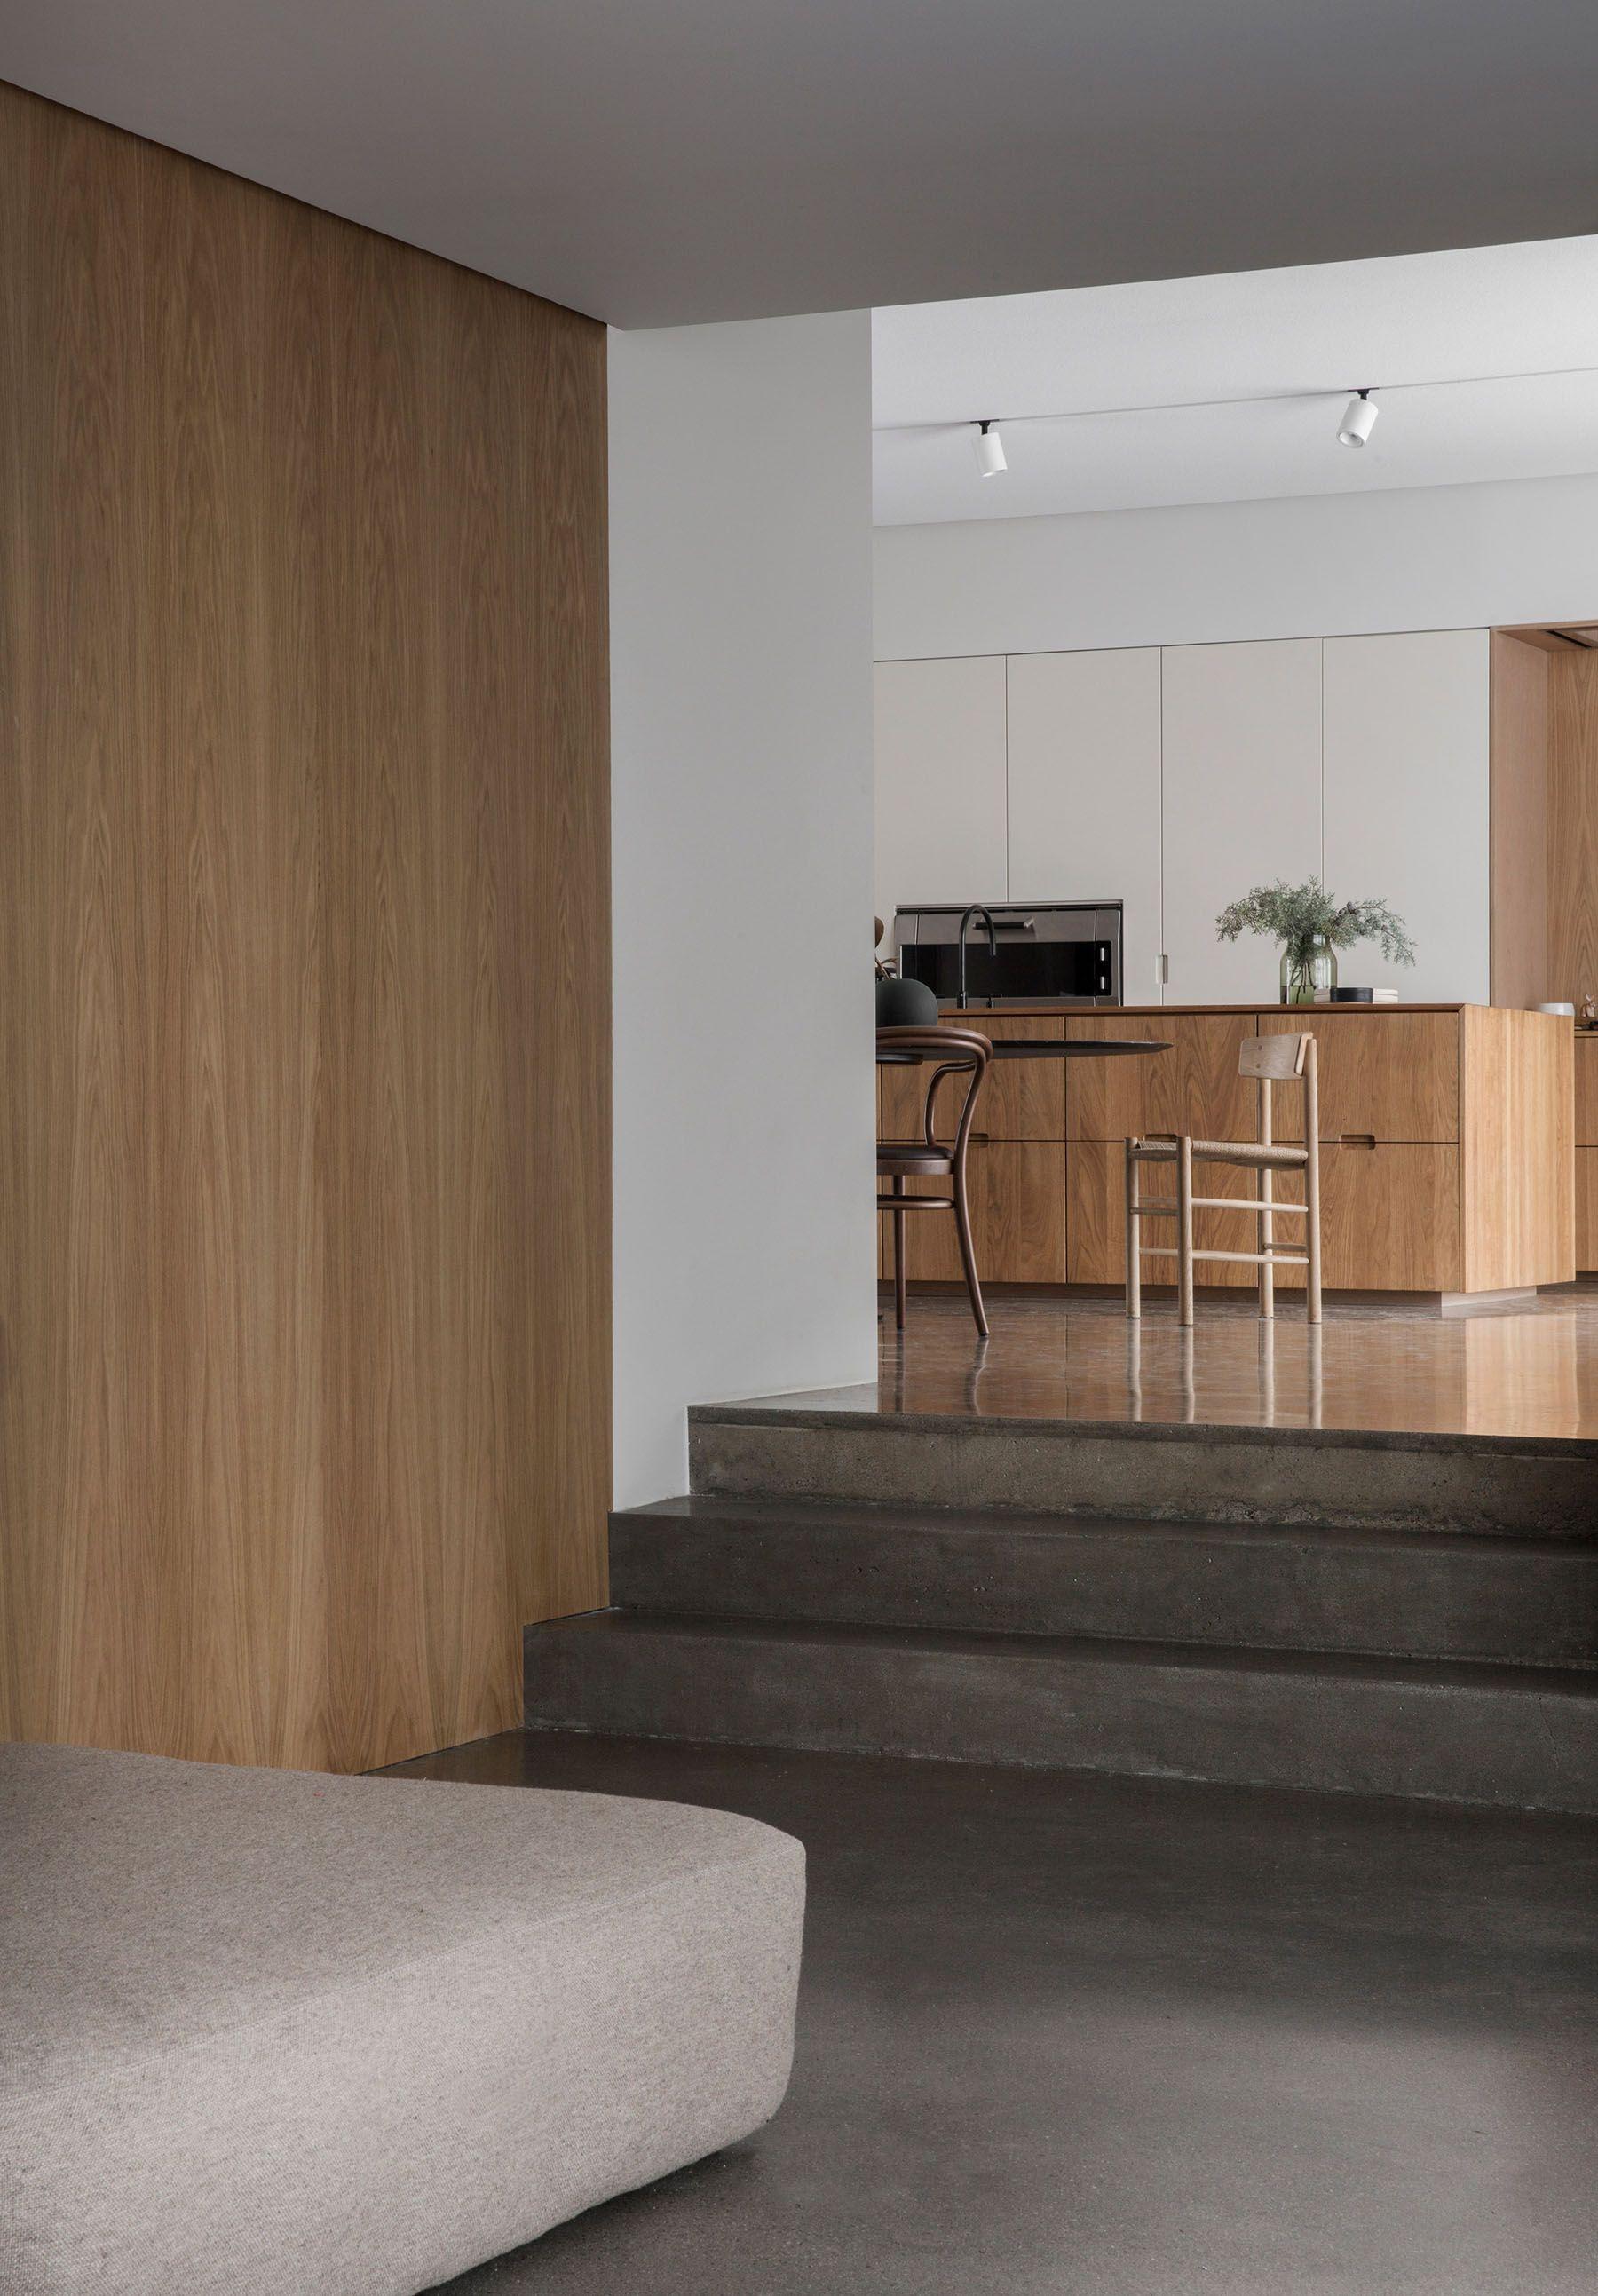 The Norwegian Cluster House By Norm Architects Minimalistische Architektur Minimalistisch Wohnen Und Innenarchitektur Kuche